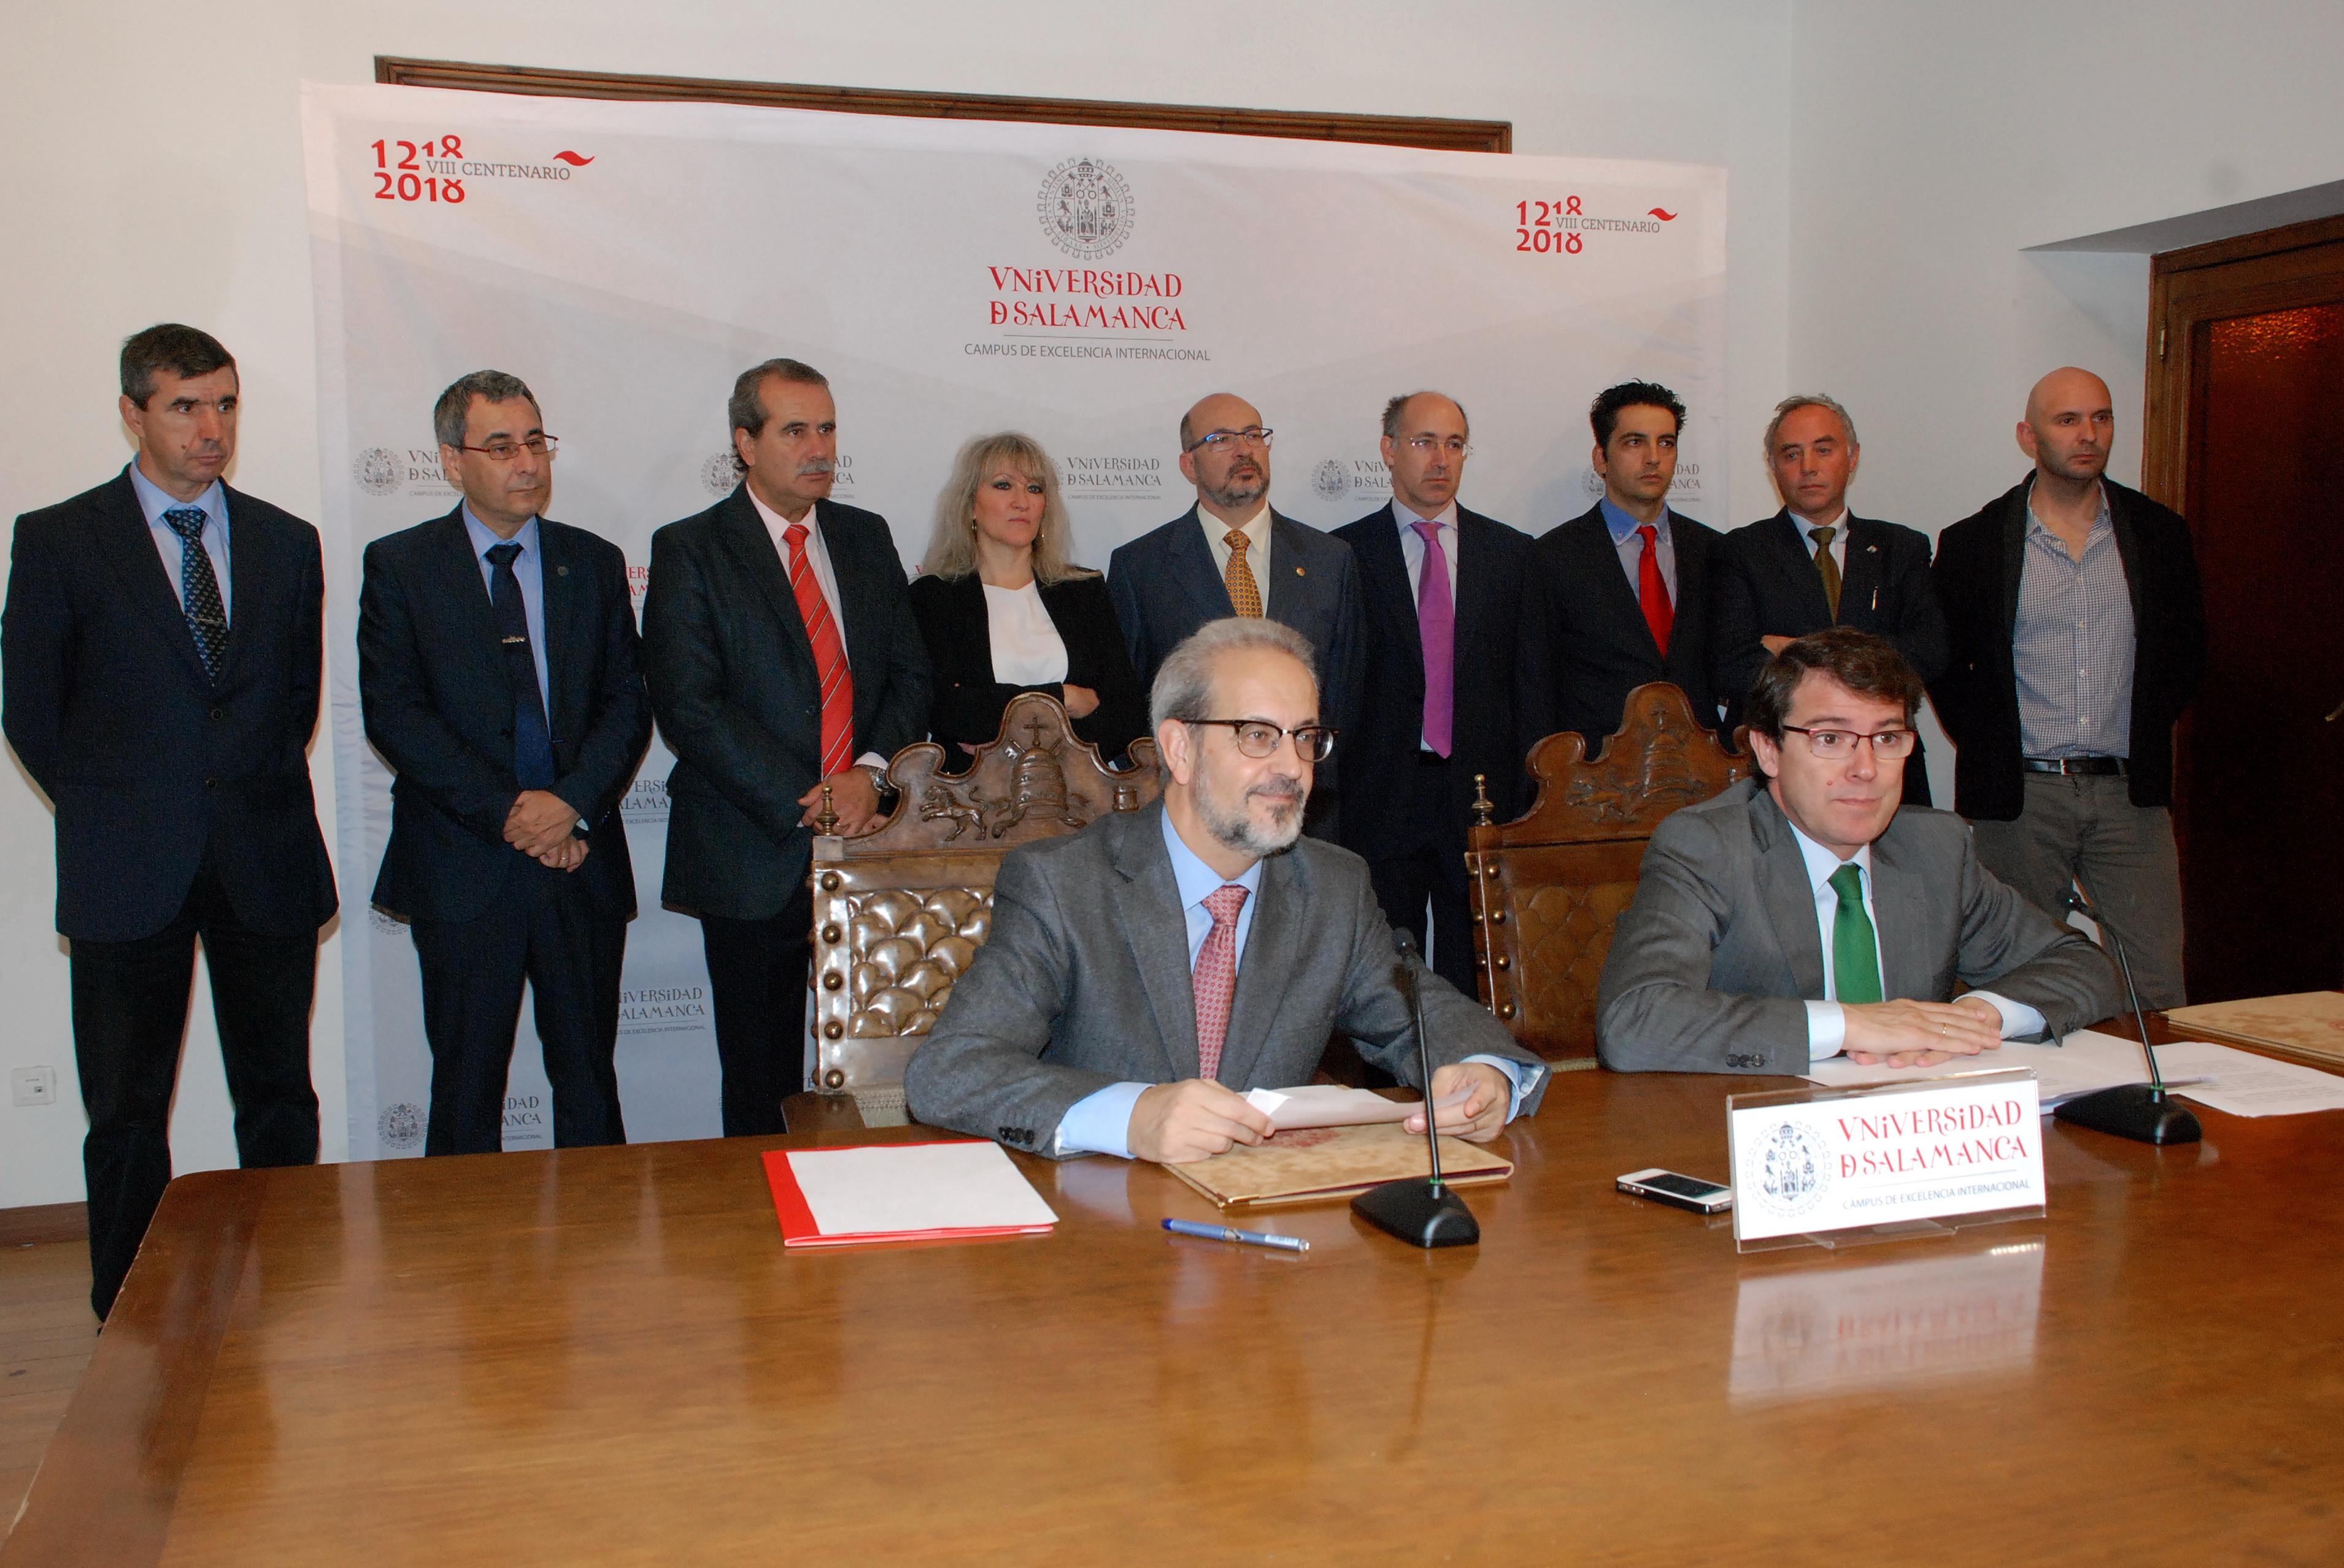 El Ayuntamiento y la Universidad de Salamanca colaborarán para mejorar la seguridad vial en la ciudad a través de la transferencia y el desarrollo tecnológico